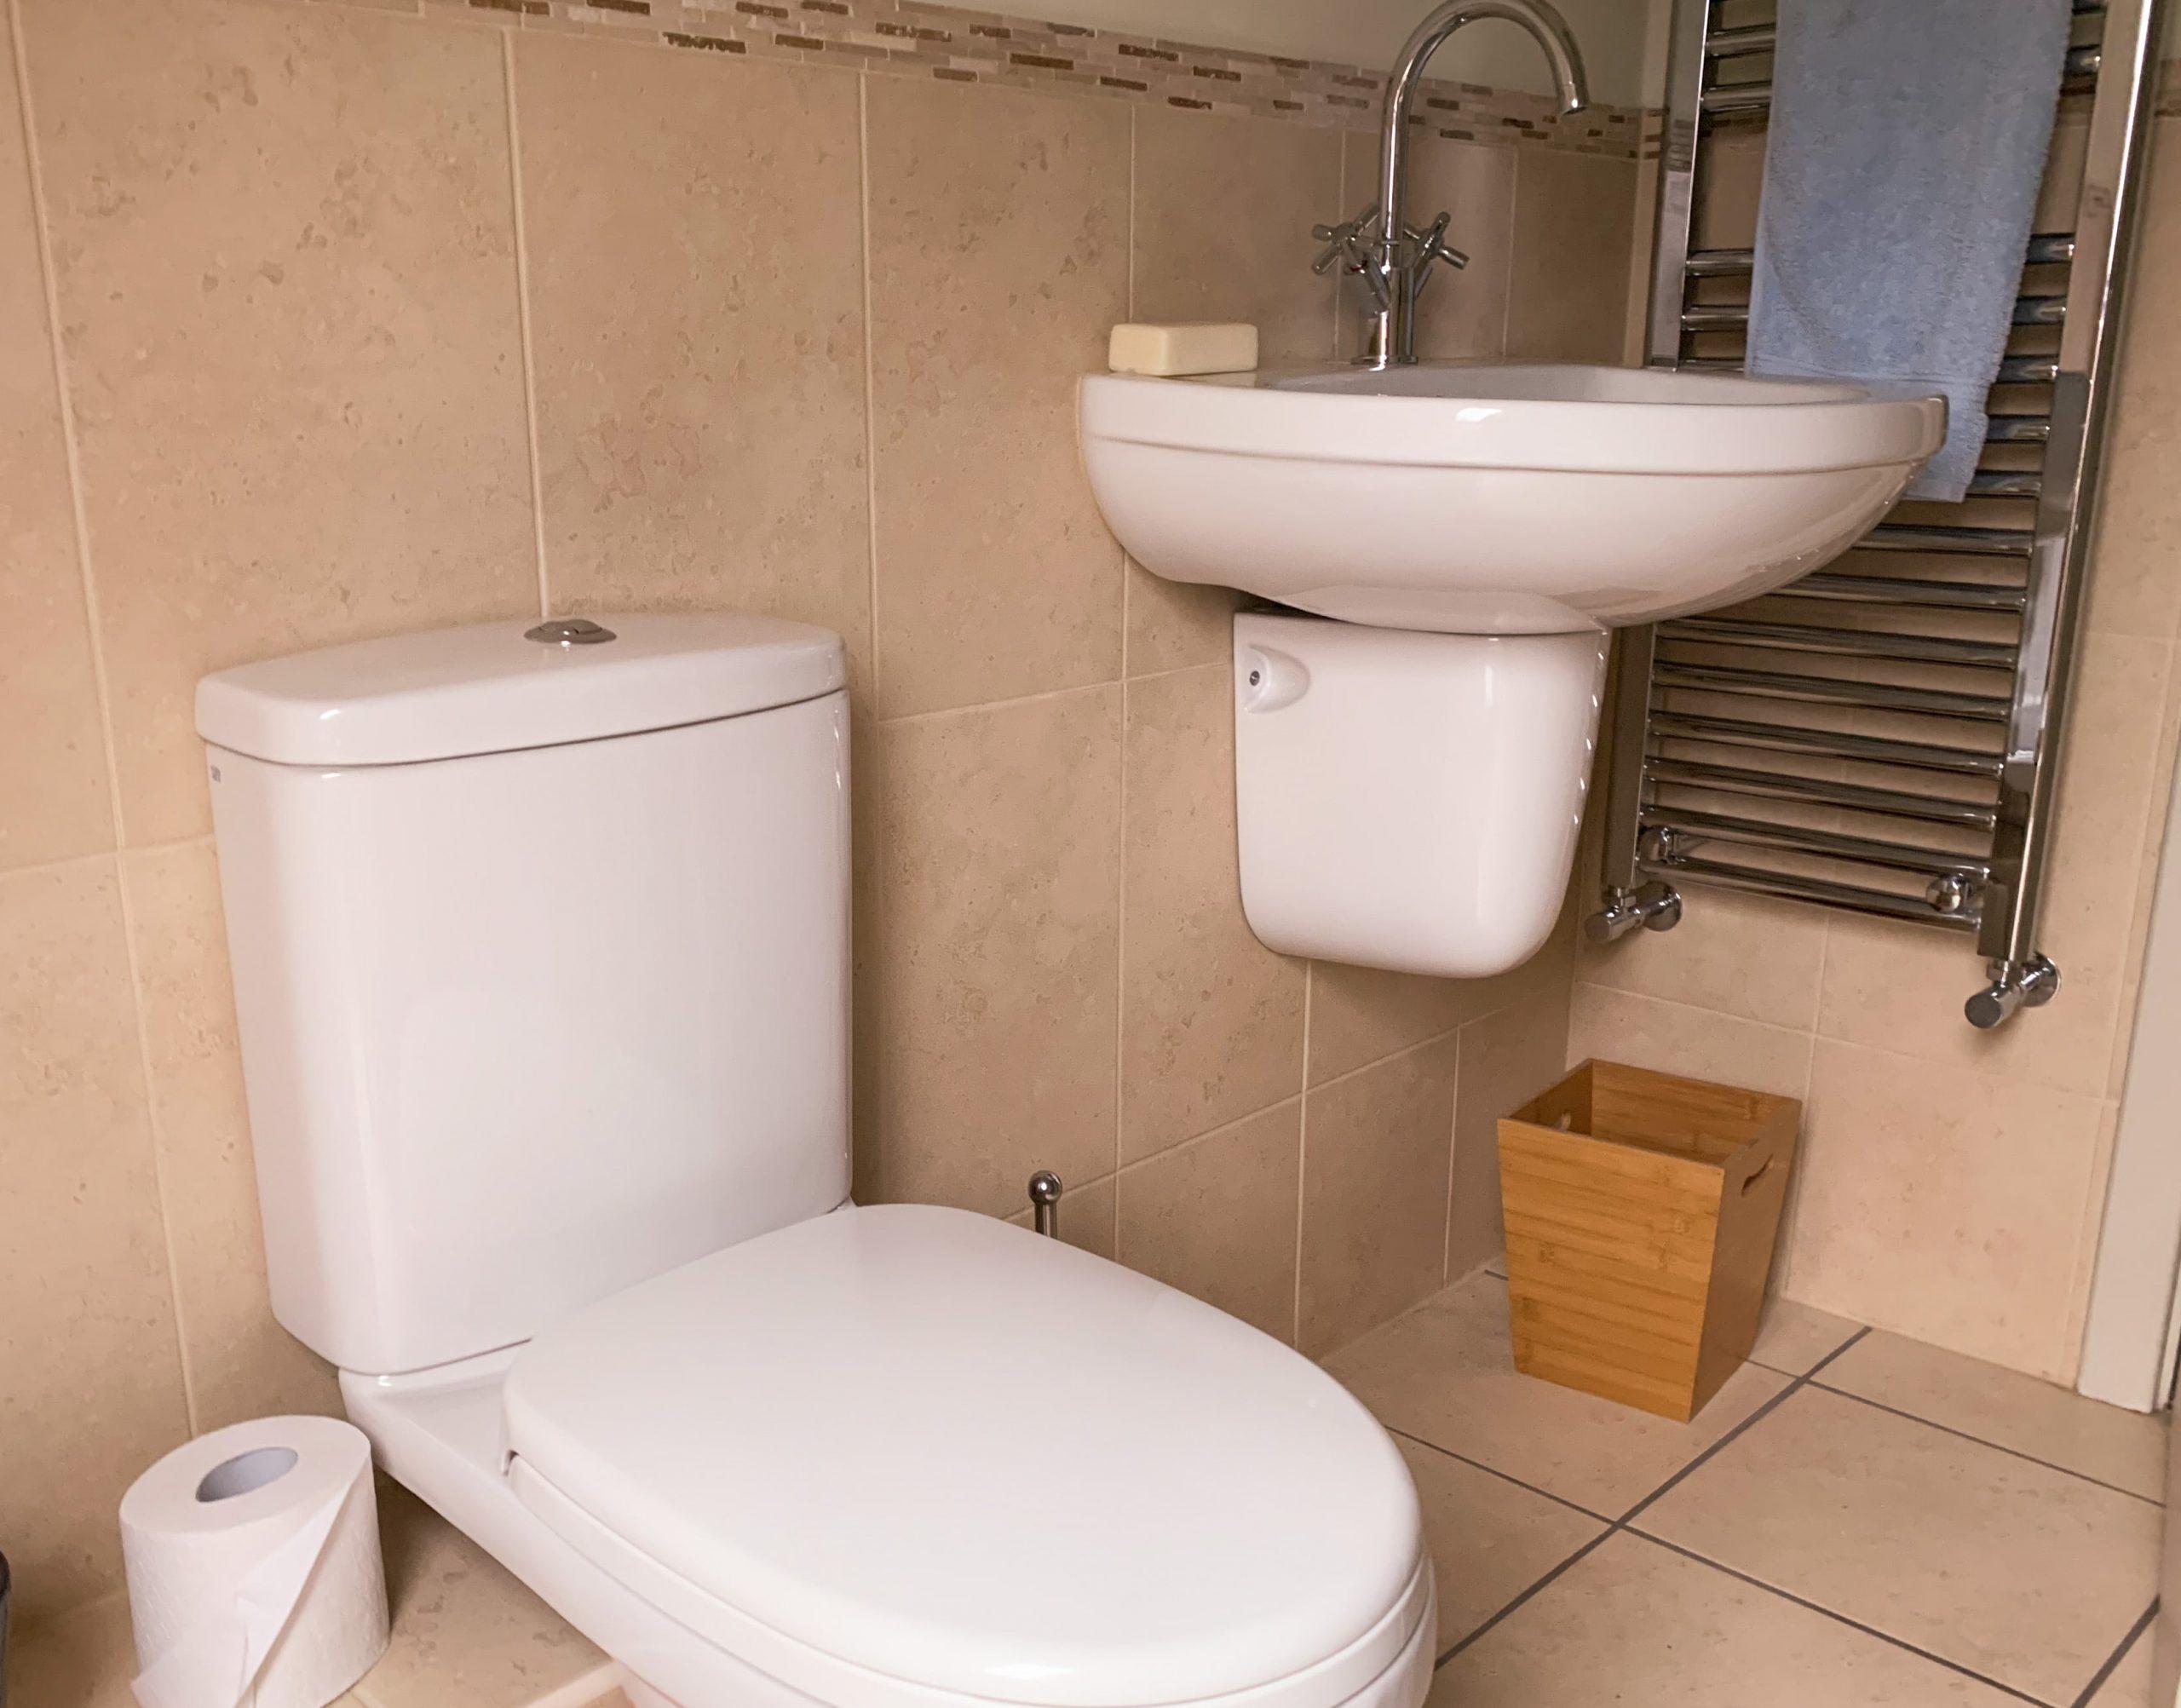 Toilet & Sink by Builders in Newbury